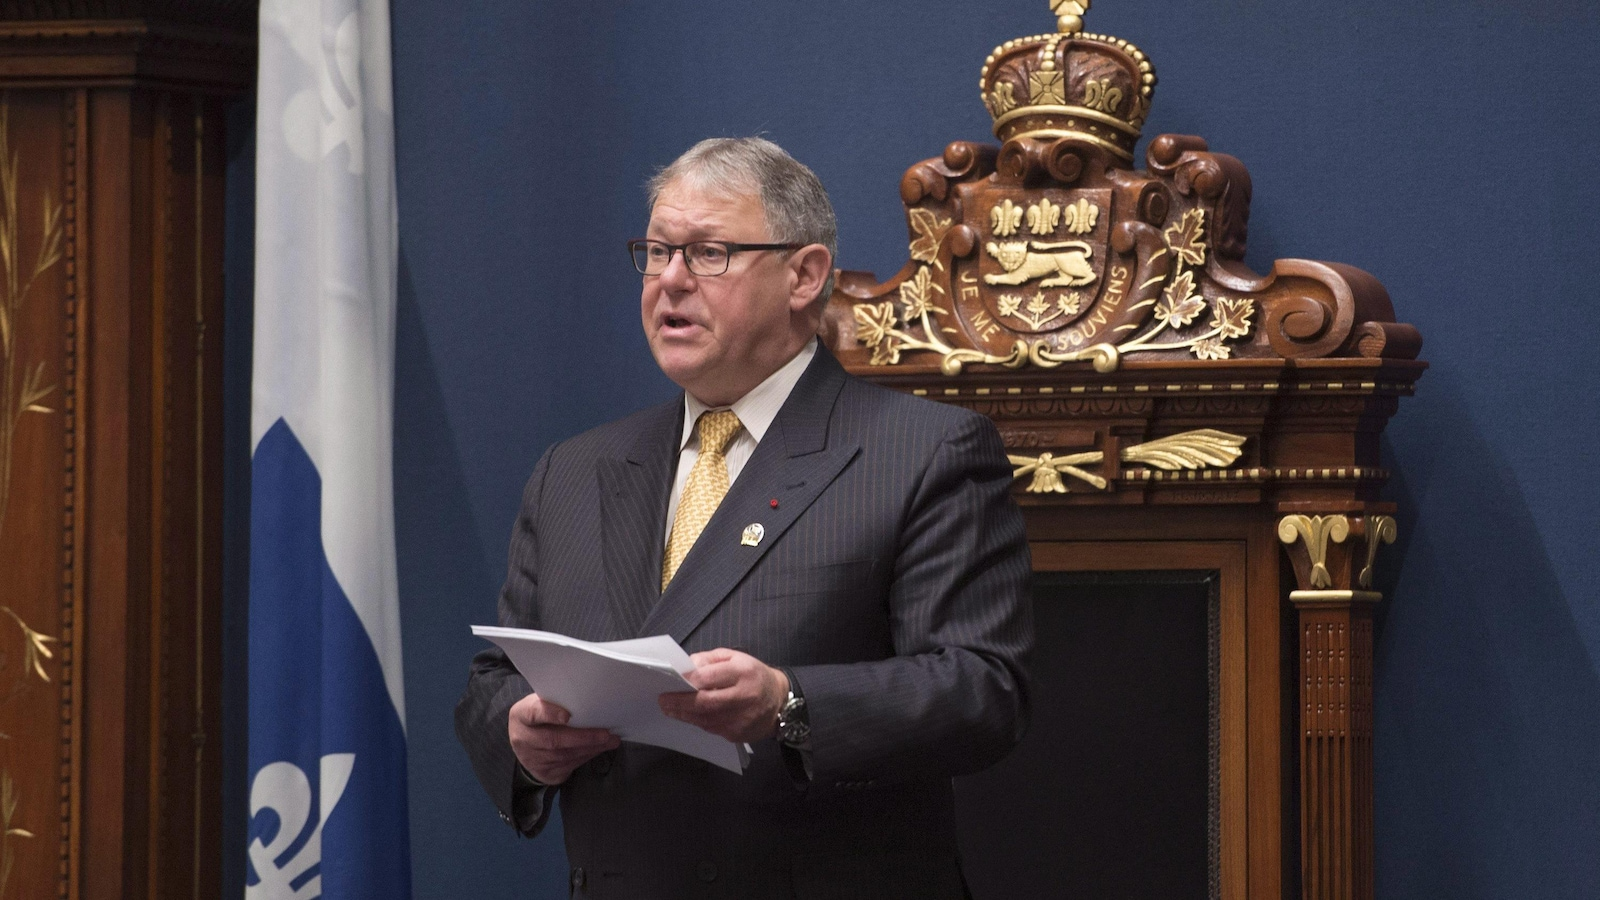 Le président de l'Assemblée nationale Jacques Chagnon.